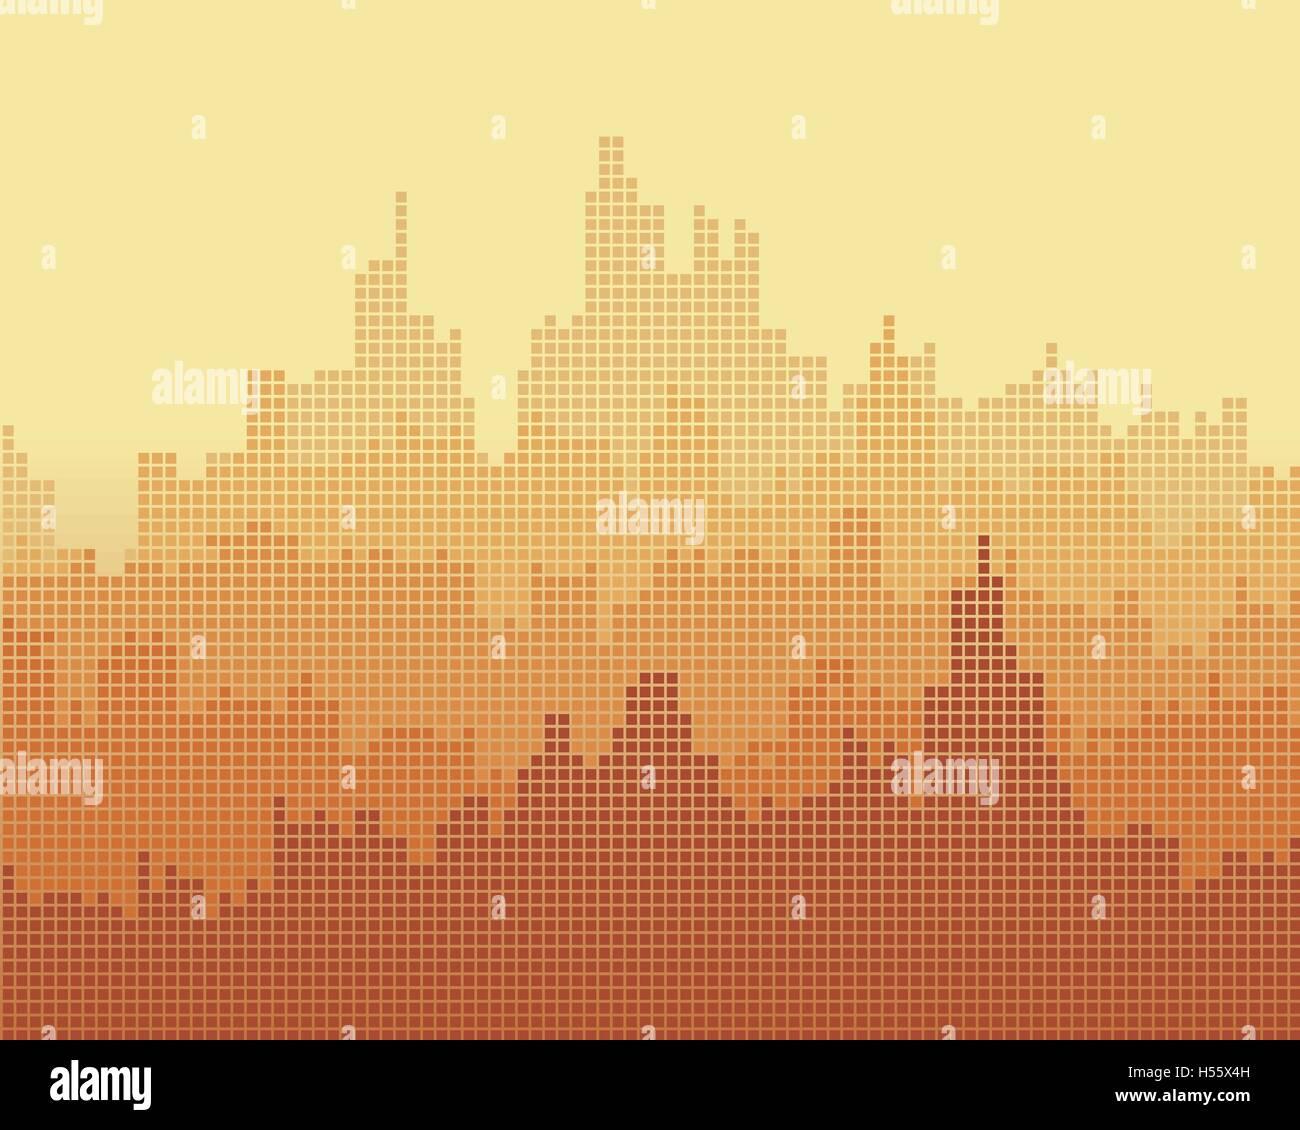 Composizione a mosaico della città, l'effetto di gradiente. Immagini Stock